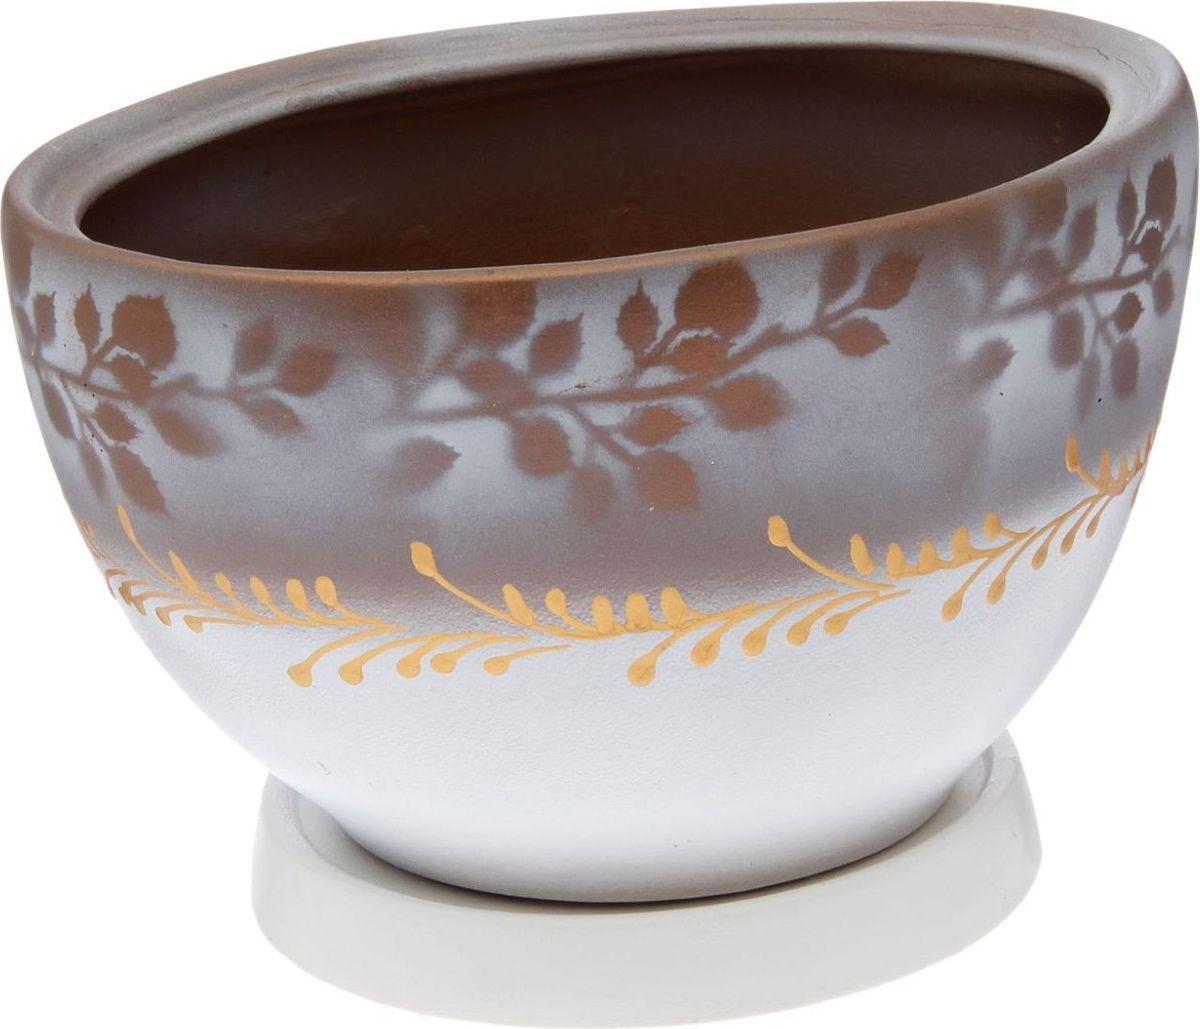 Кашпо Узор, цвет: белый, темно-коричневый, 3 л2149237Комнатные растения — всеобщие любимцы. Они радуют глаз, насыщают помещение кислородом и украшают пространство. Каждому из них необходим свой удобный и красивый дом. Кашпо из керамики прекрасно подходят для высадки растений: за счёт пластичности глины и разных способов обработки существует великое множество форм и дизайновпористый материал позволяет испаряться лишней влагевоздух, необходимый для дыхания корней, проникает сквозь керамические стенки! #name# позаботится о зелёном питомце, освежит интерьер и подчеркнёт его стиль.